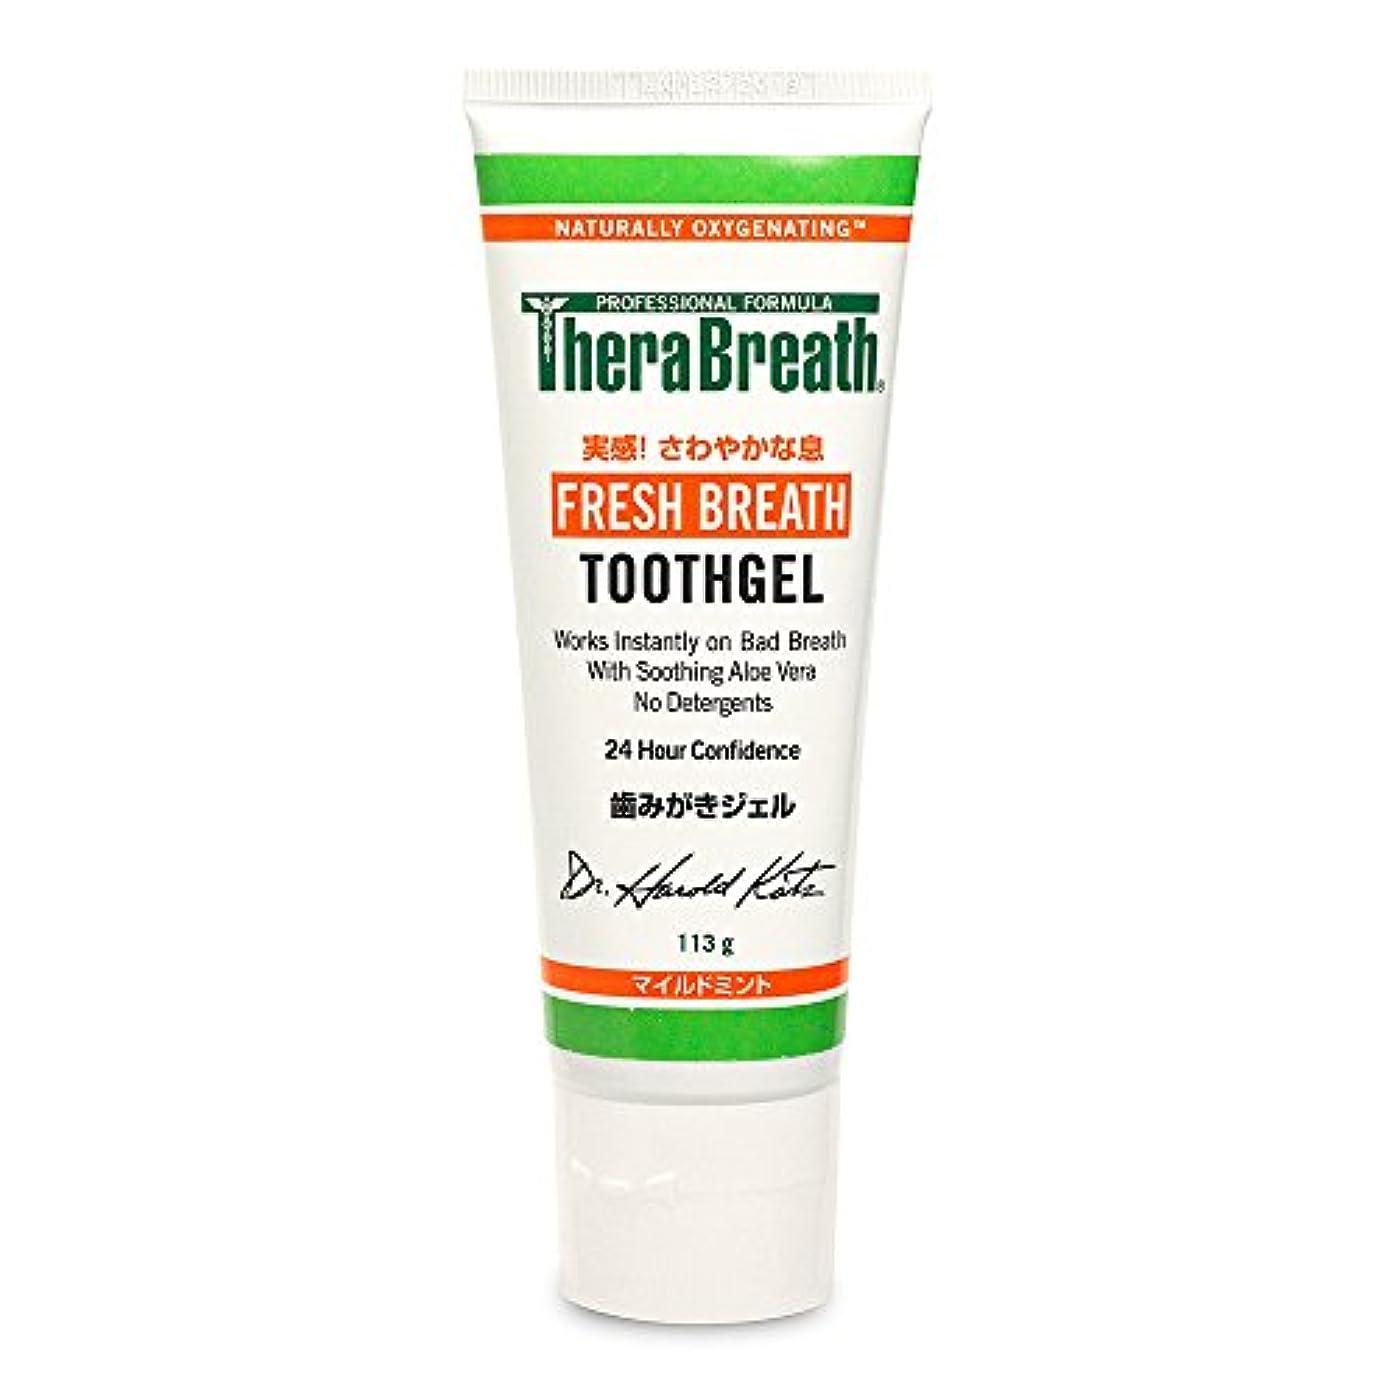 引く受粉する水没TheraBreath (セラブレス) セラブレストゥースジェル 113g (正規輸入品) 舌磨き